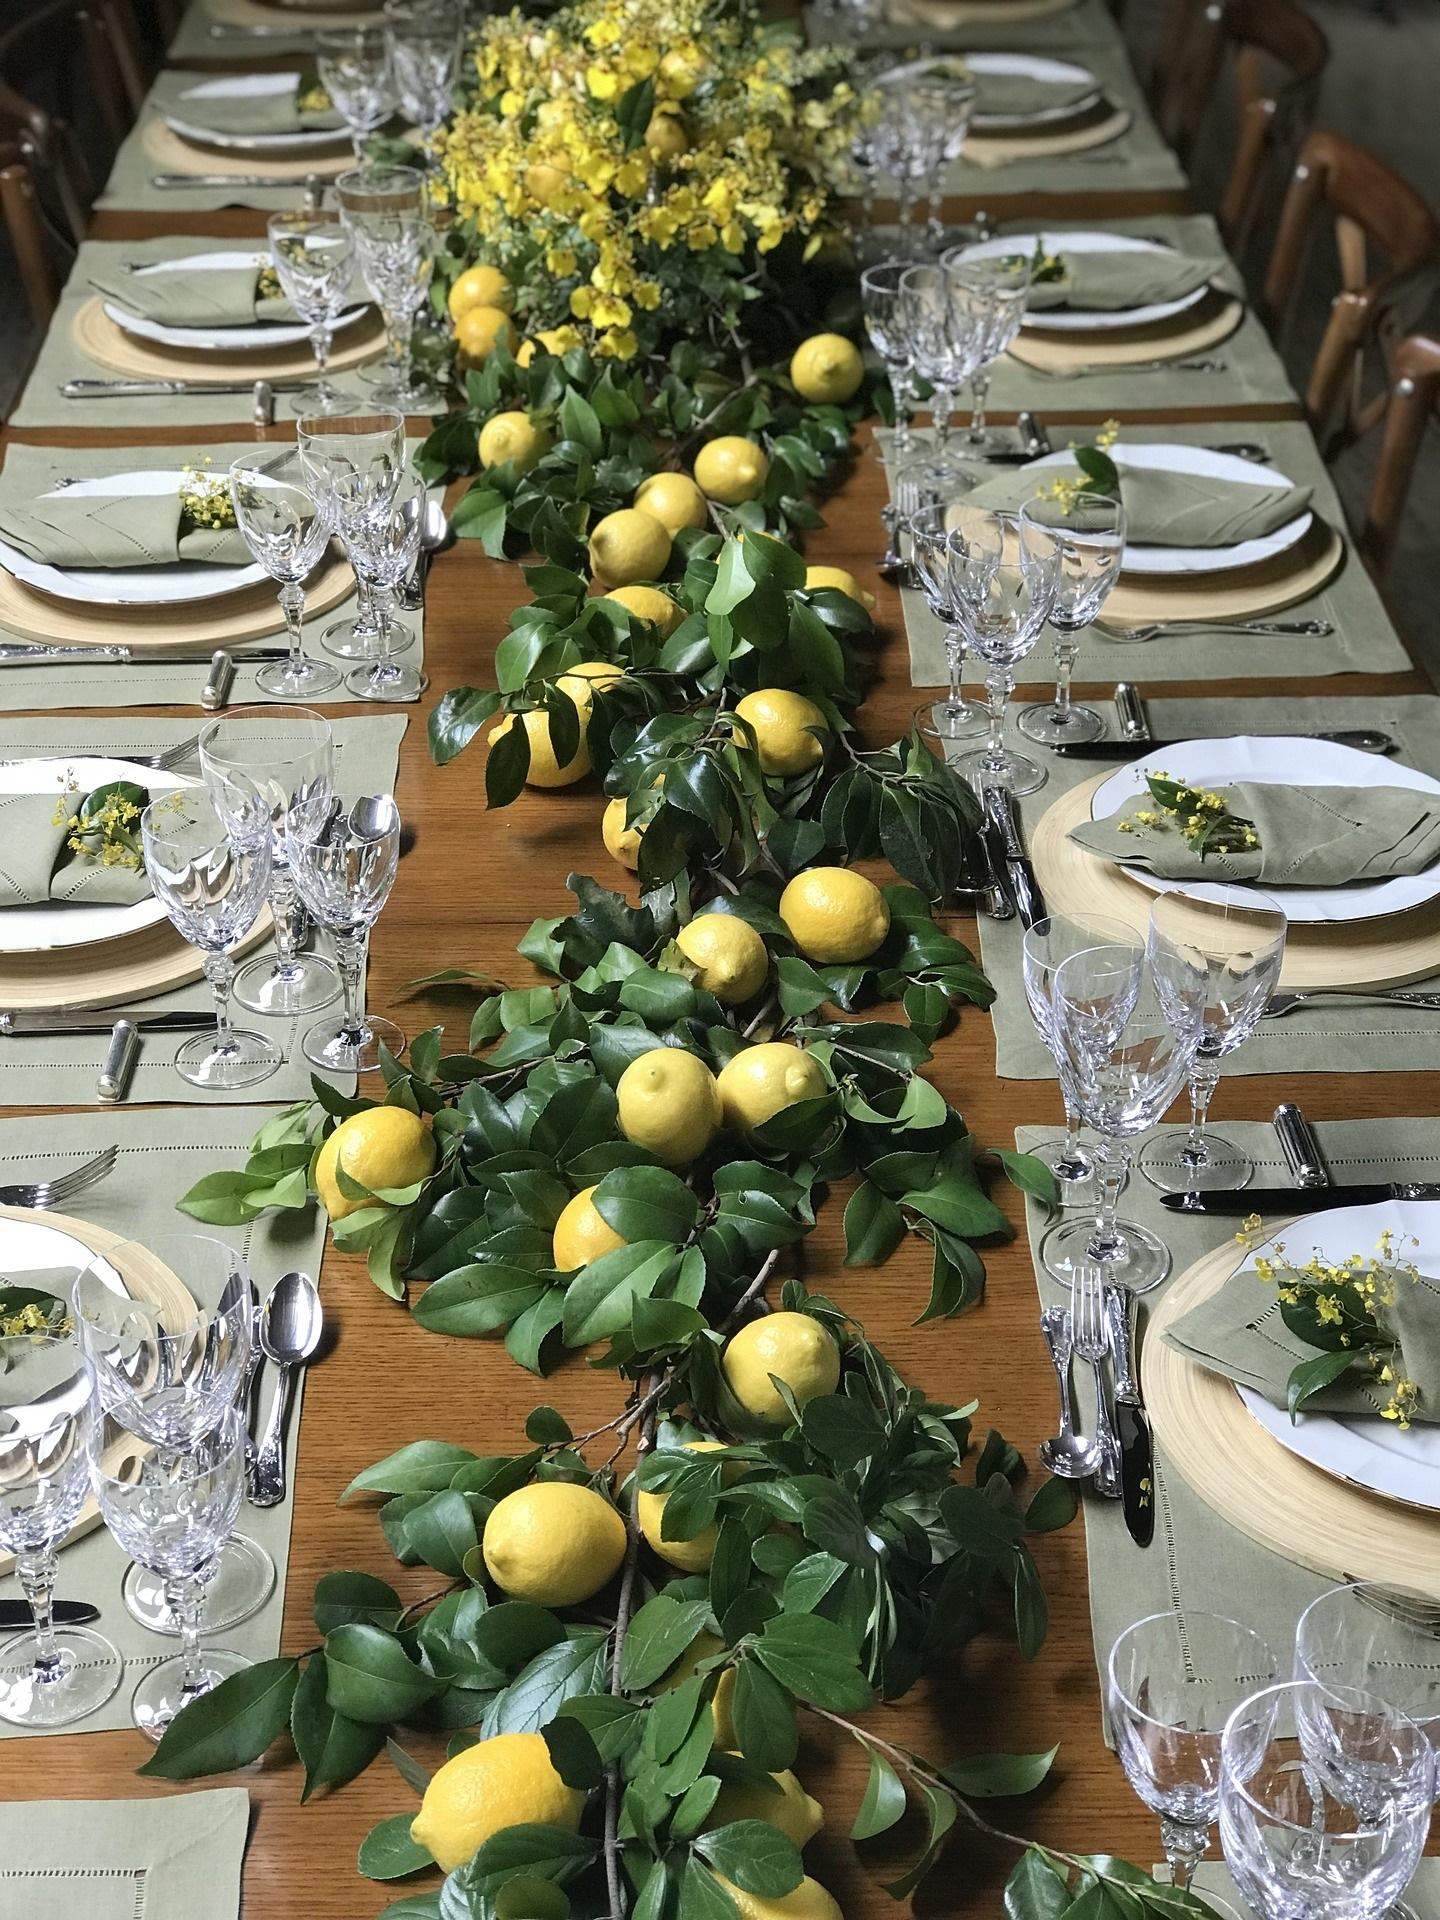 Hochzeitstafel - dekoriert mit frischen Zitronen und Blättern